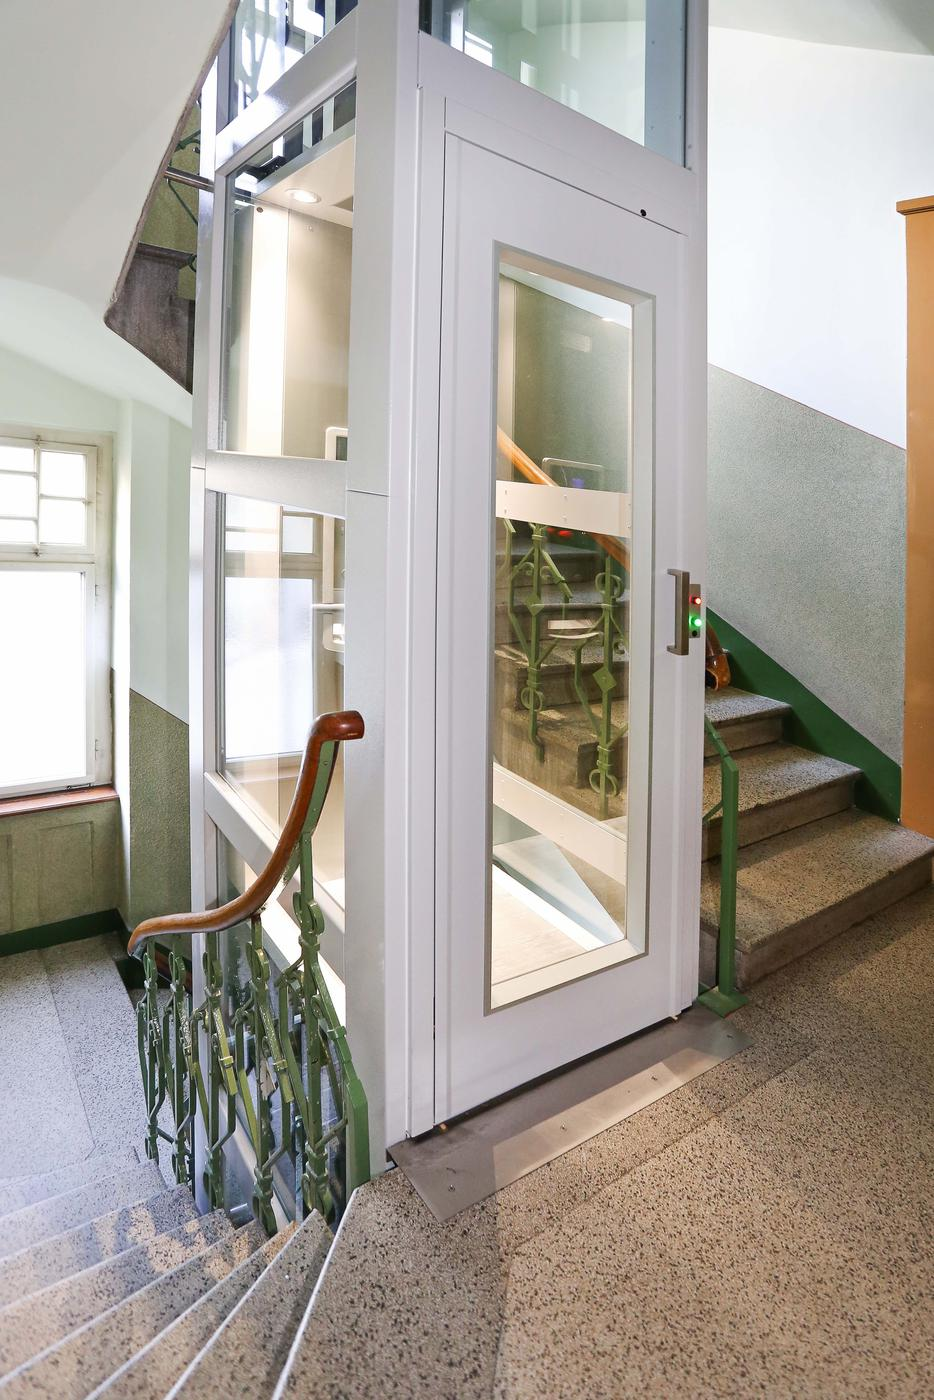 Kleinaufzüge von Stufenlos lassen sich nachträglich oder in den Neubau integriert installieren – innen oder außen und egal mit welcher Einbau- beziehungsweise Schachtsituation.